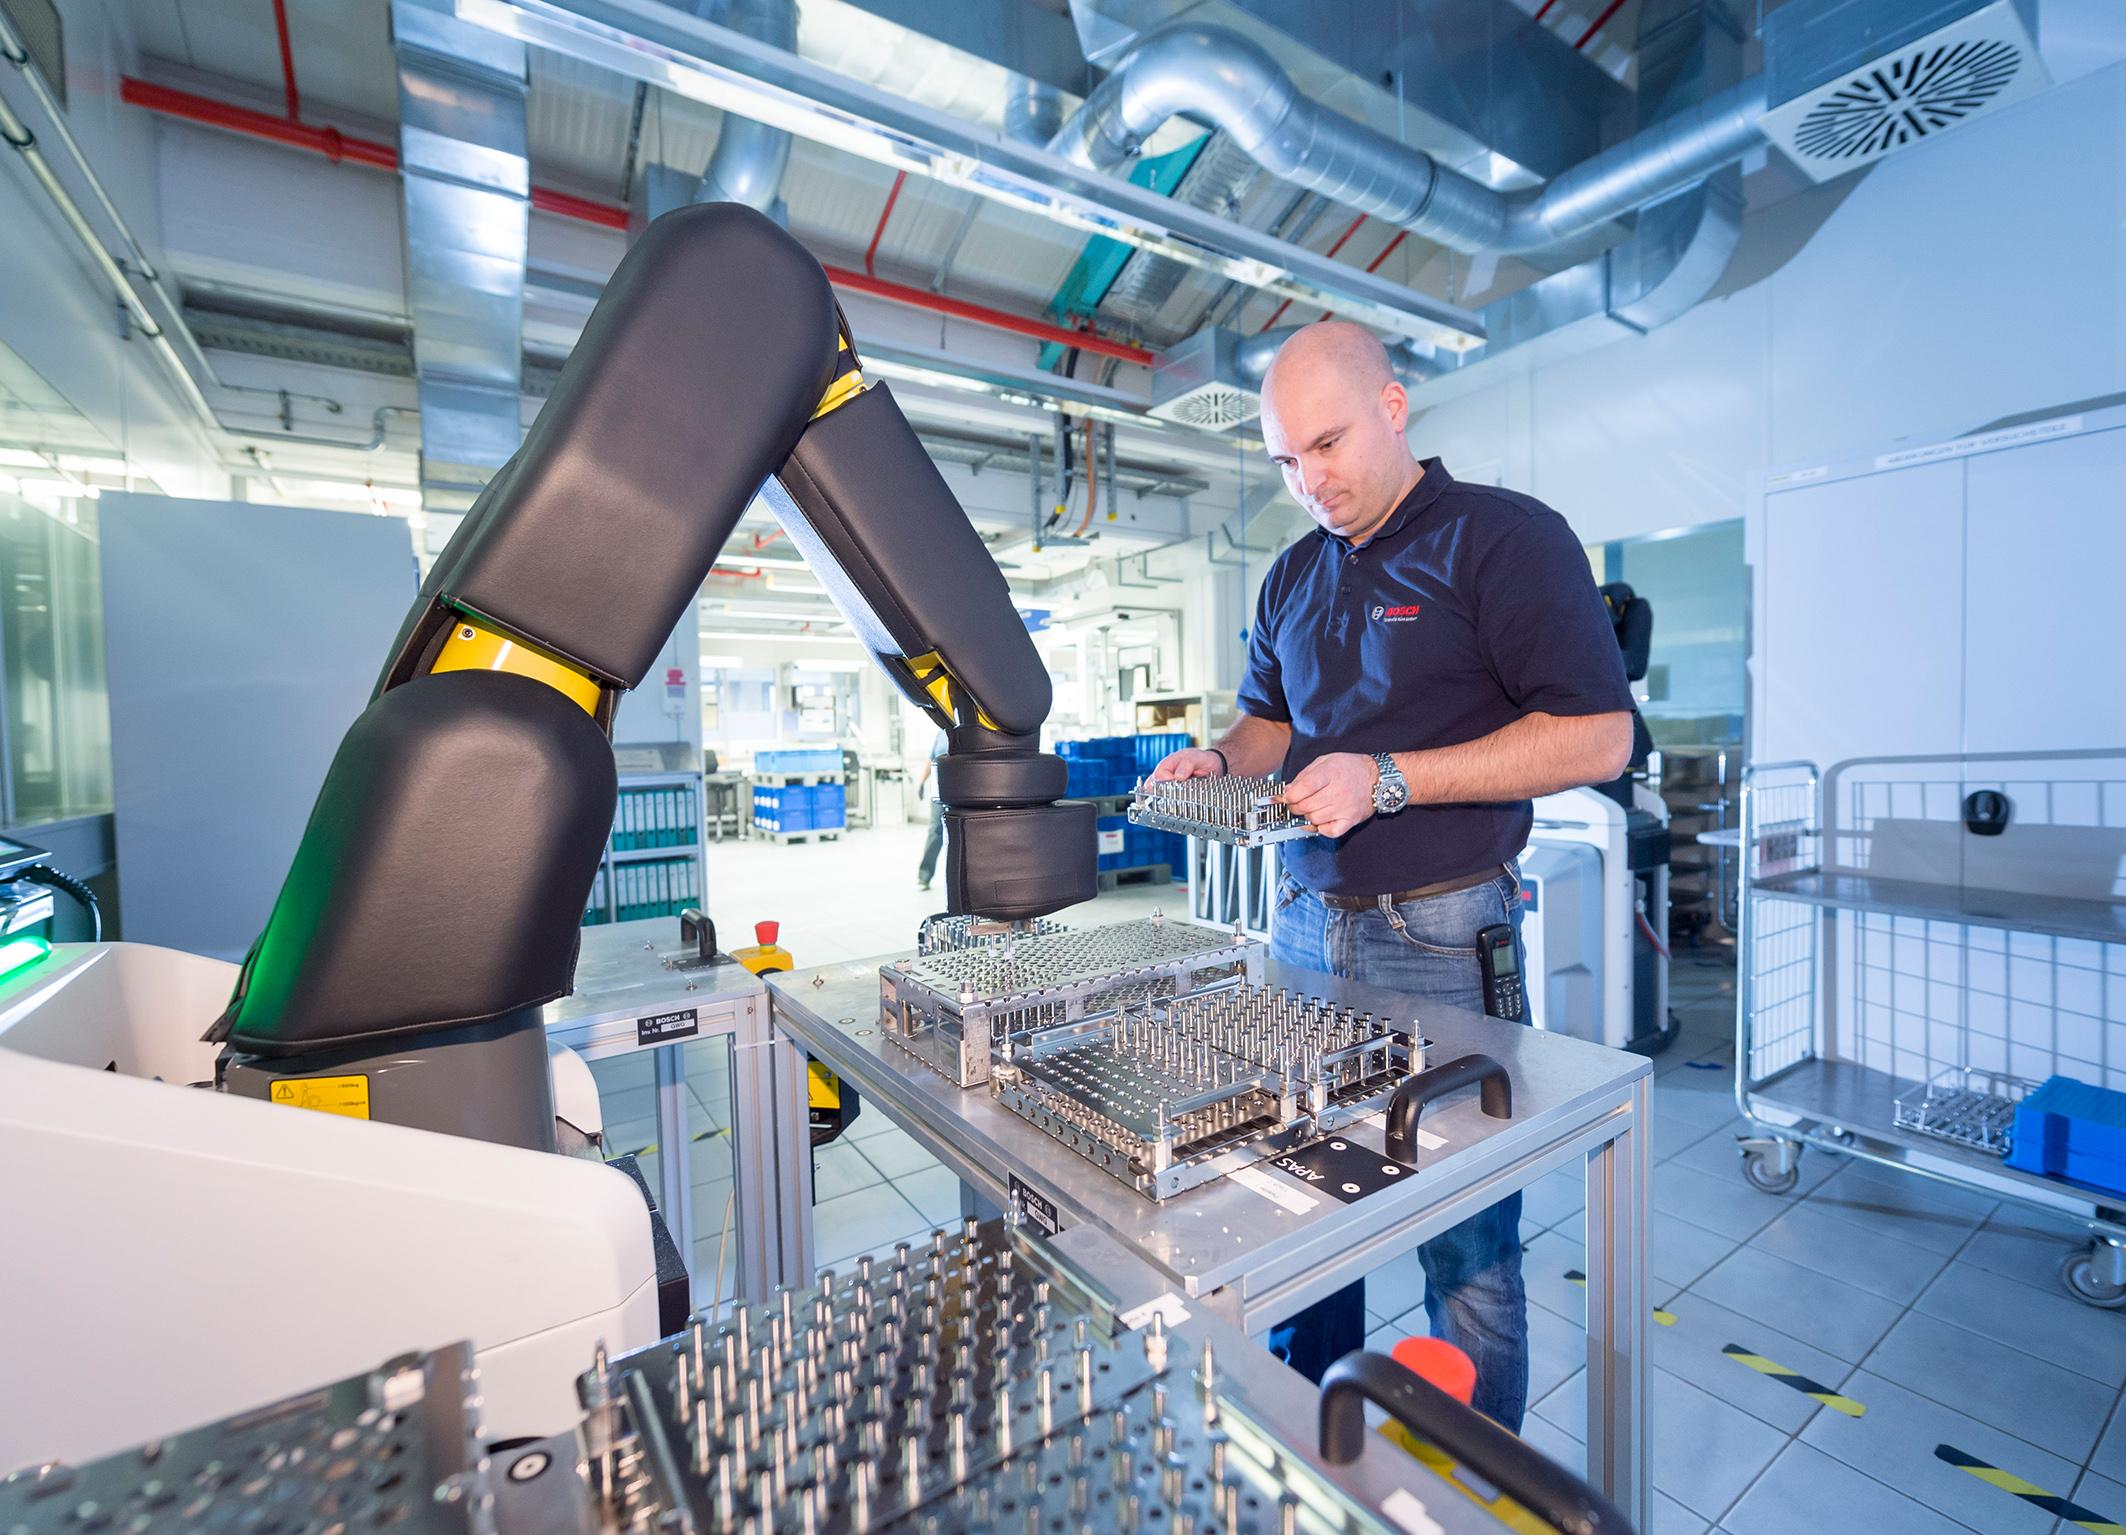 Industrie 4.0 bei Bosch – Automatischer Fertigungsassistent